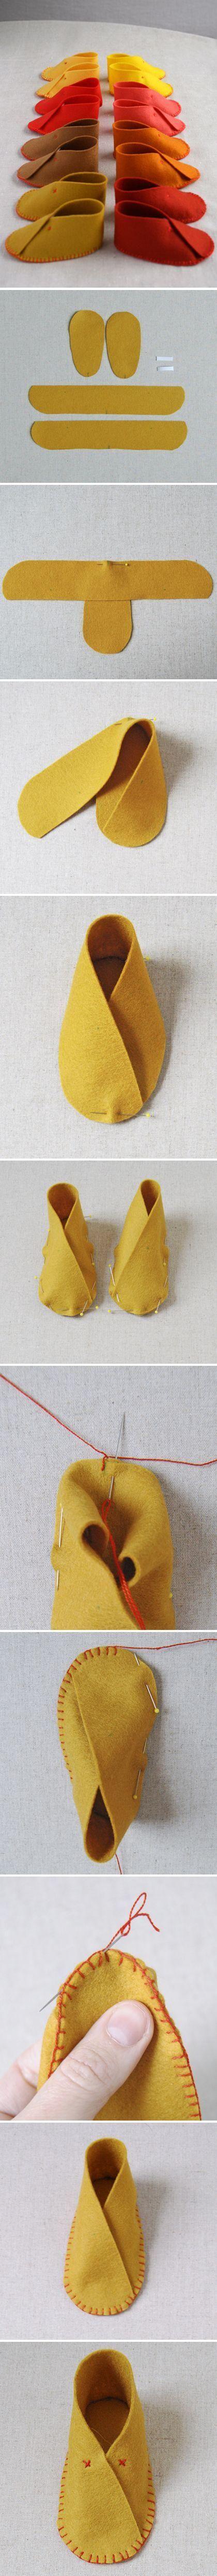 Pomysł na własnoręcznie robione buty - instrukcja